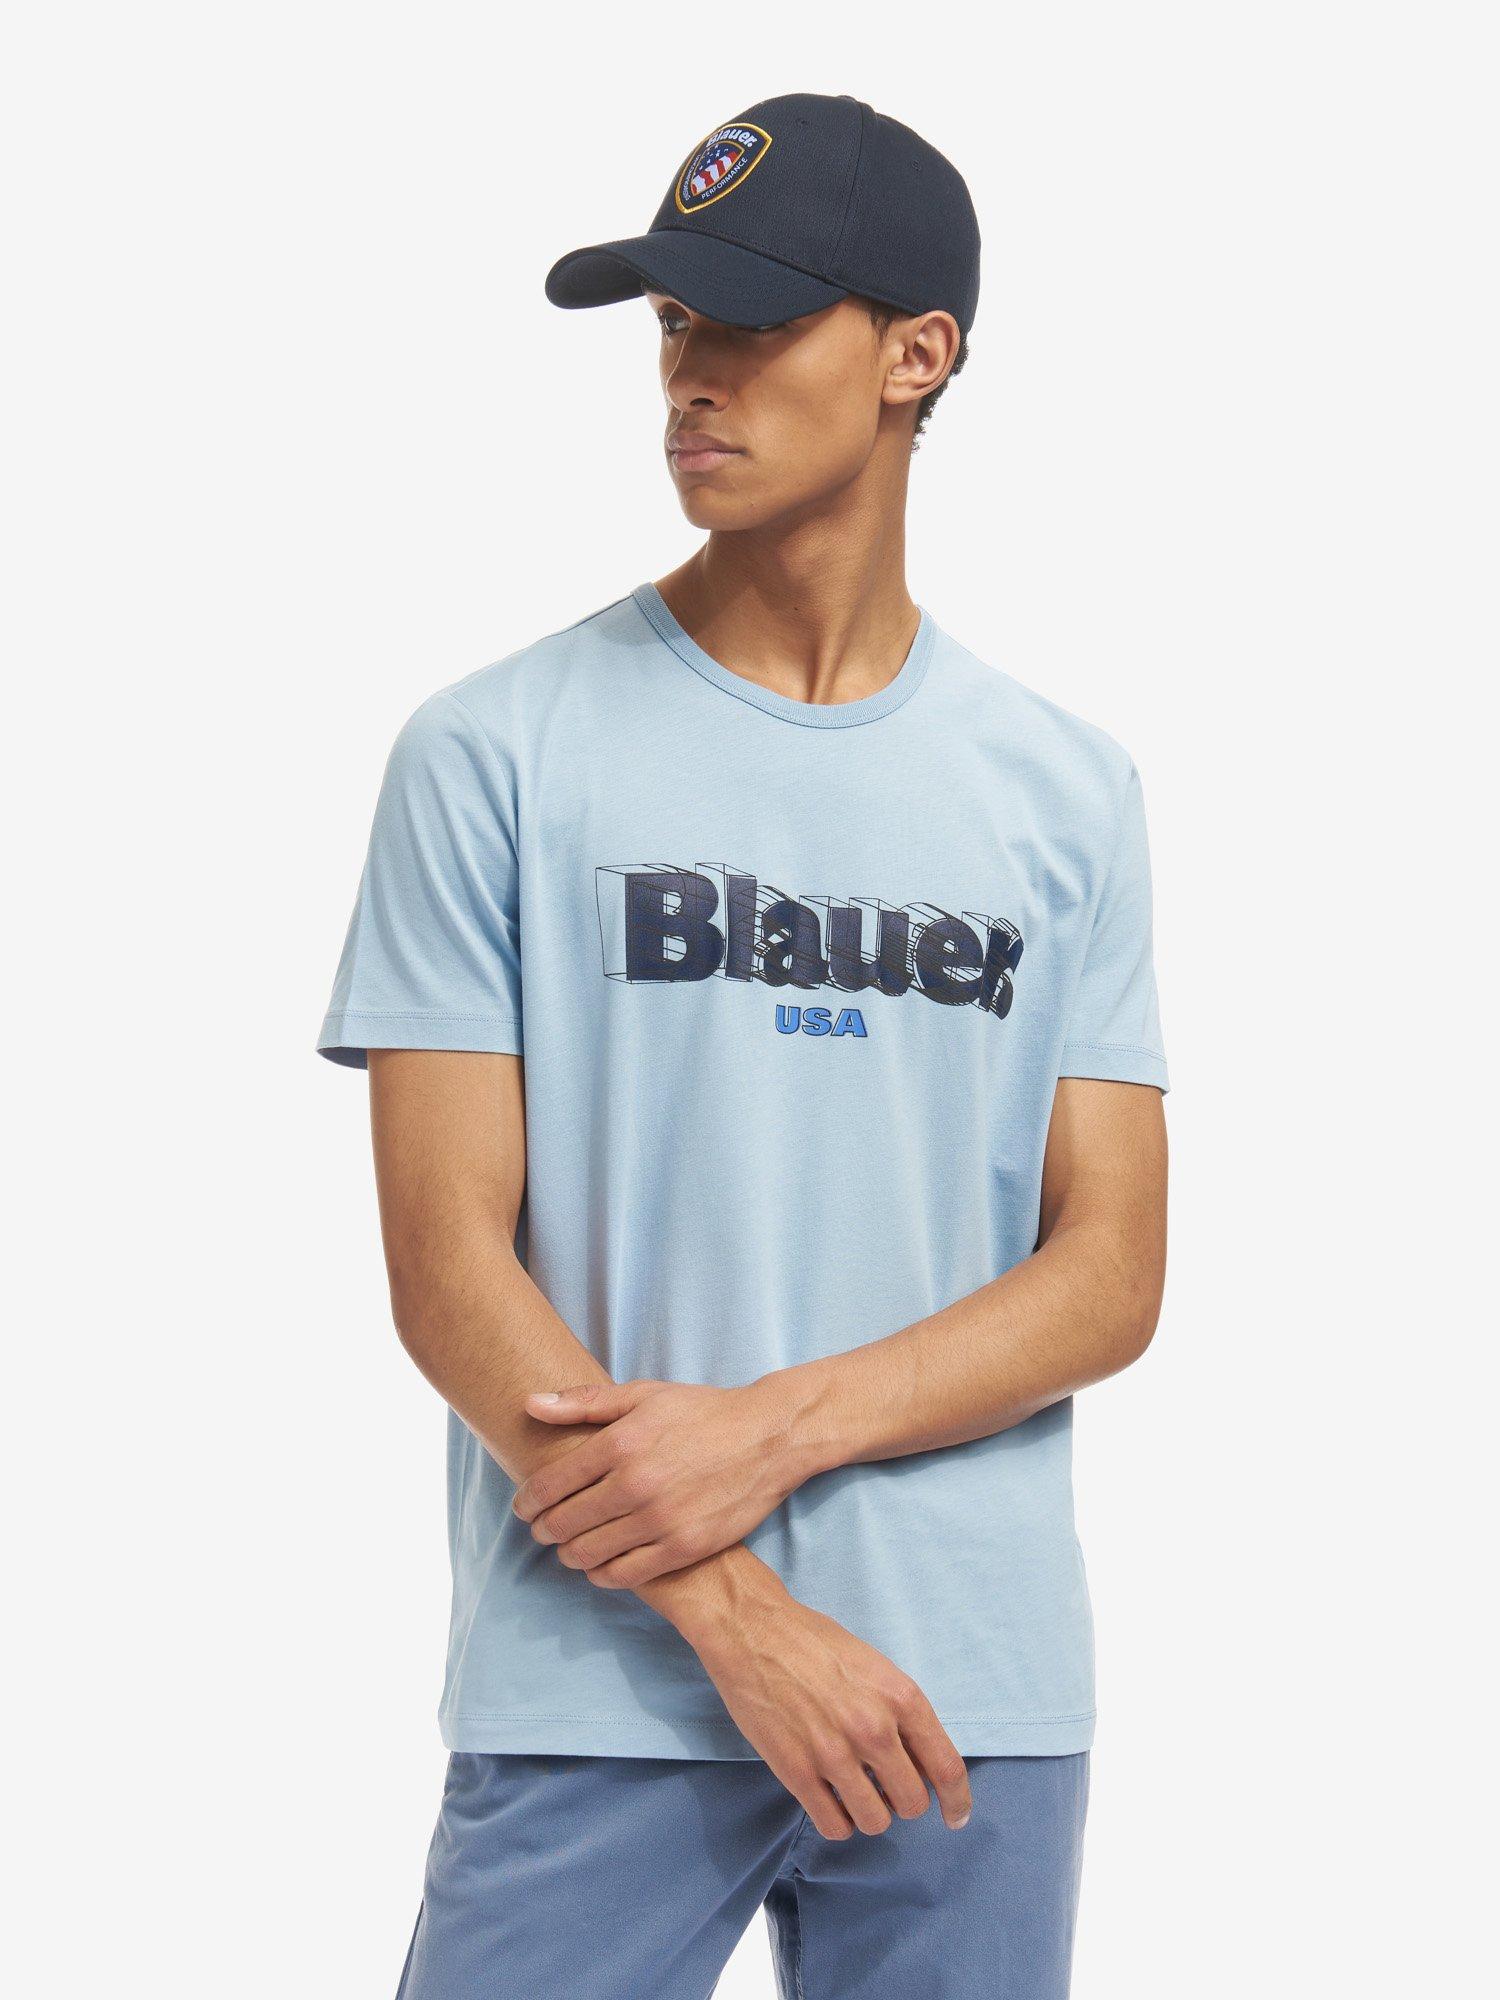 Blauer - T-SHIRT BLAUER 3D - Deep Blue - Blauer